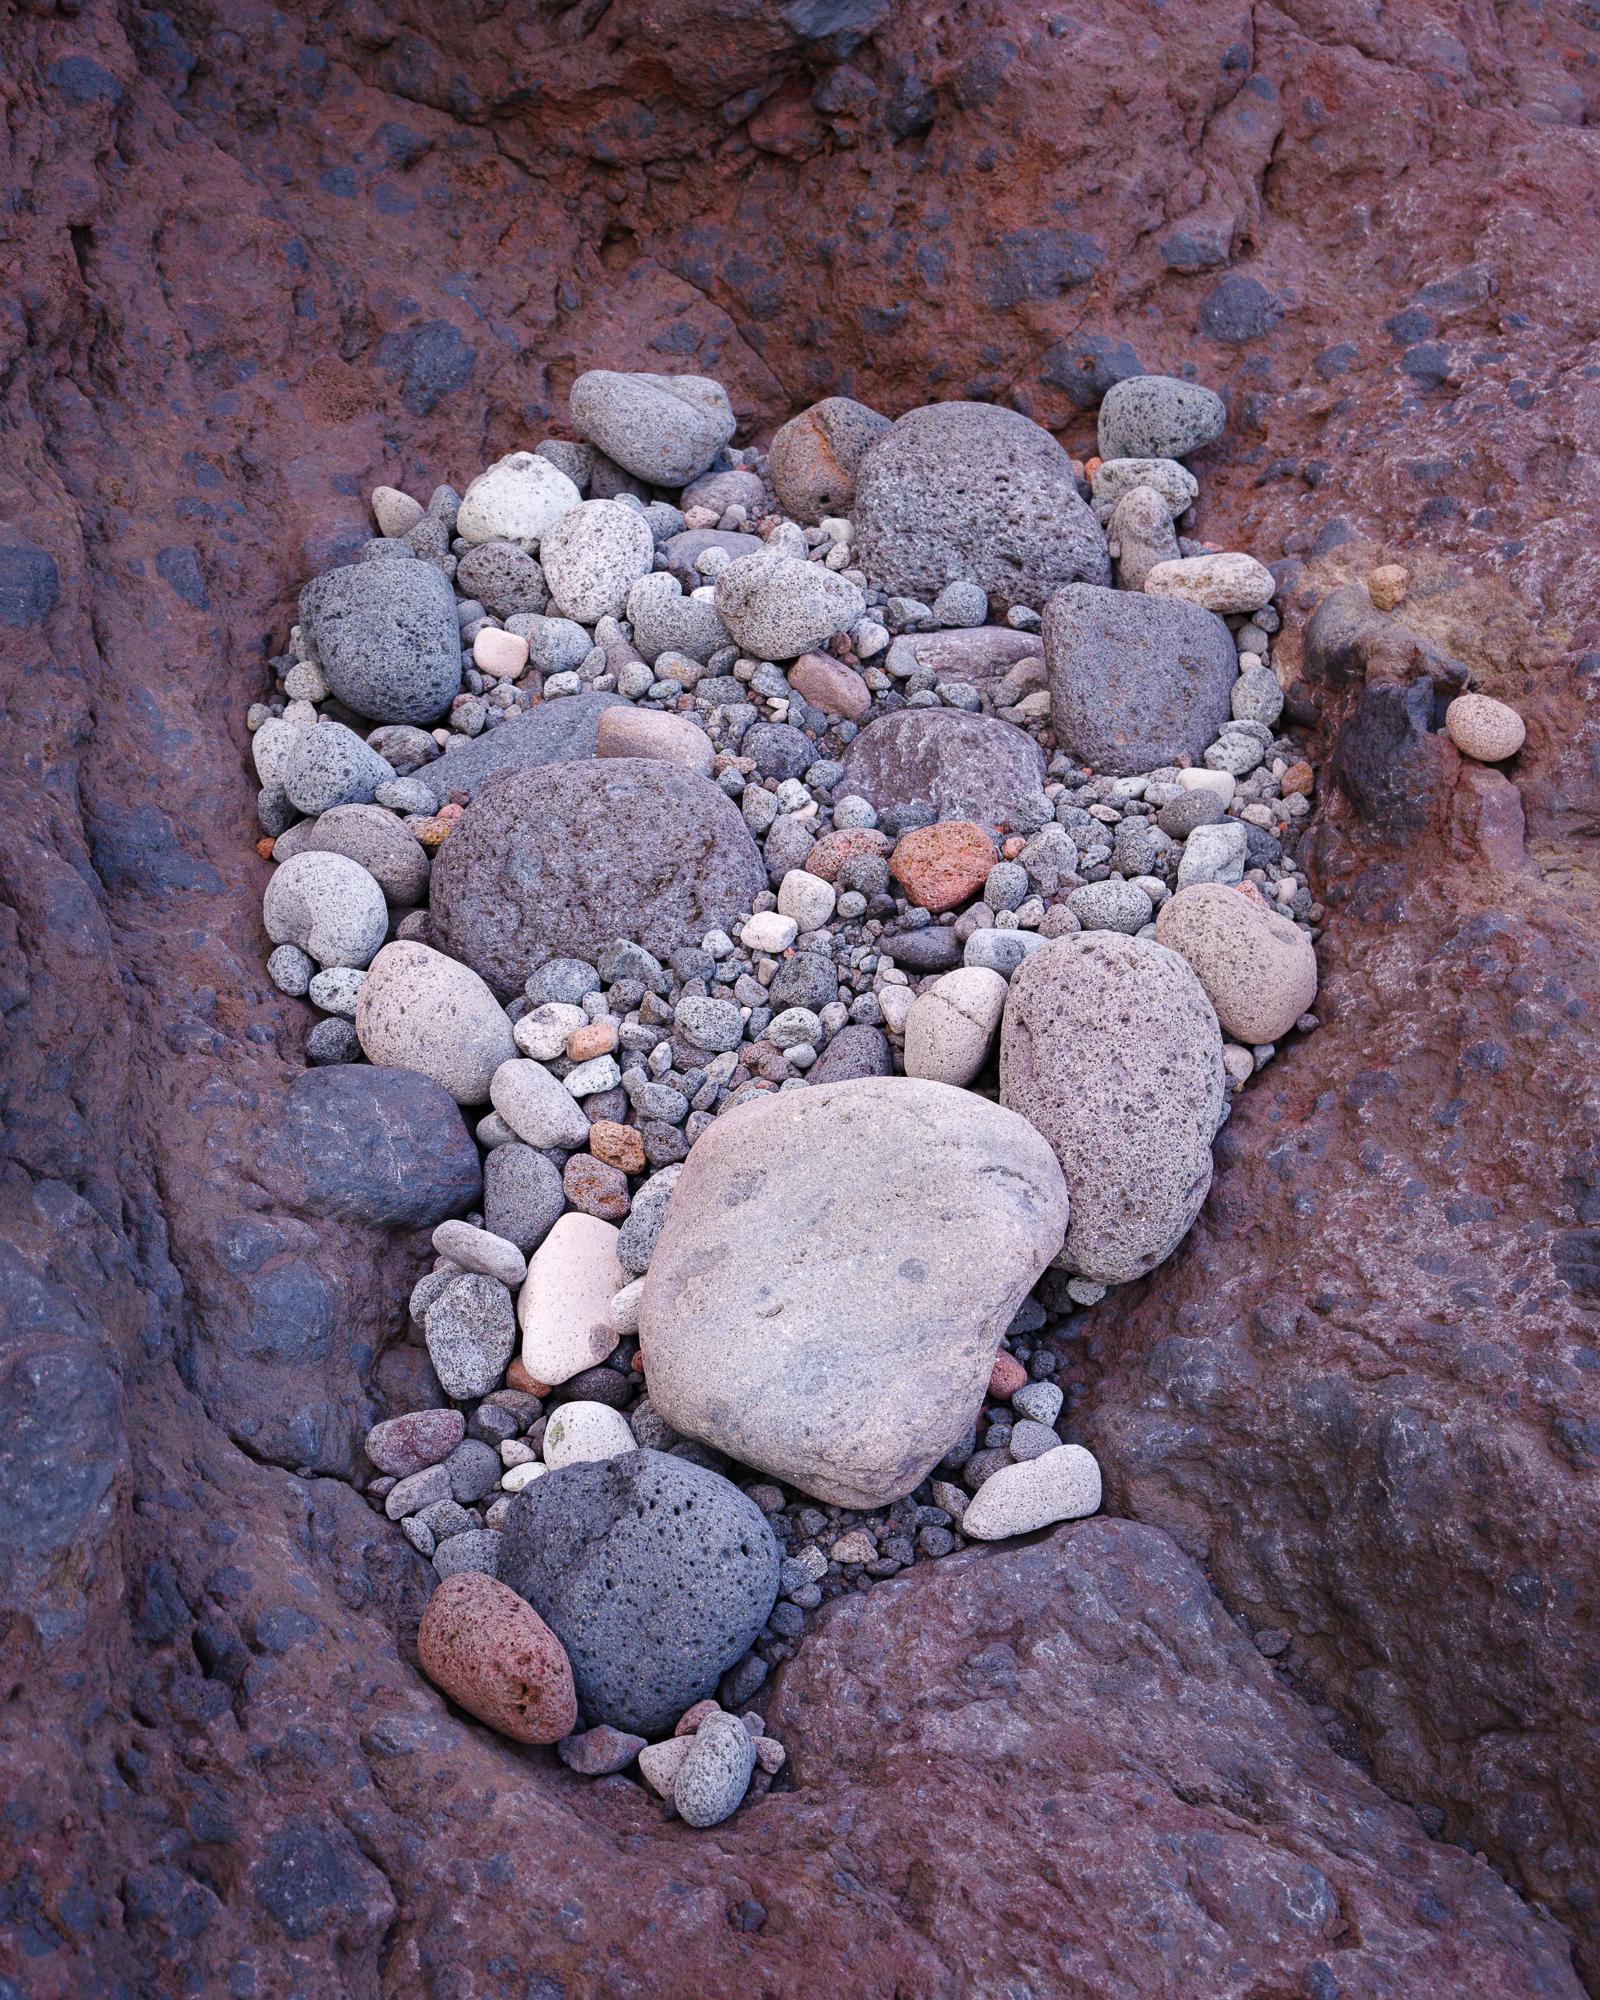 verzameling stenen